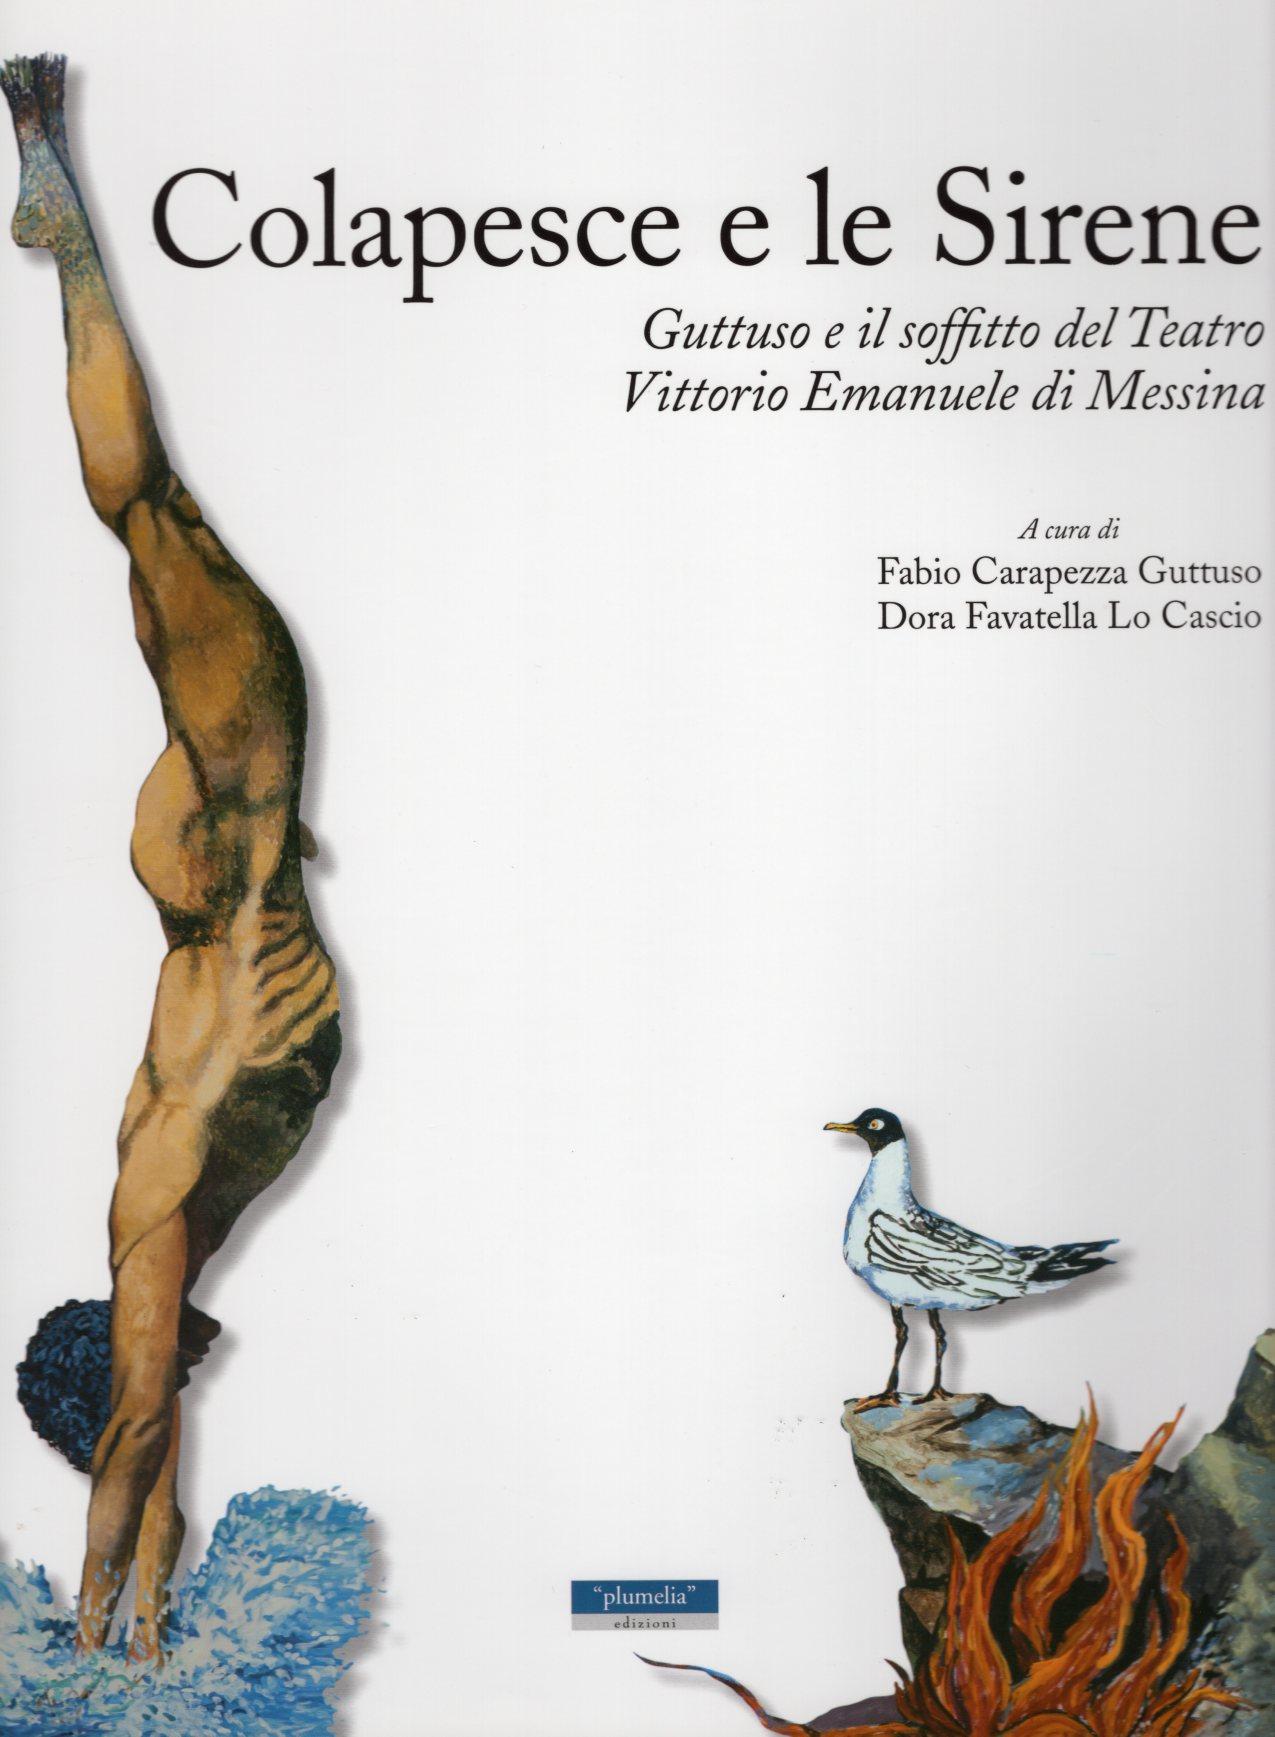 13 Colapesce e le sirene. Teatro V.E. di Messina, 2015